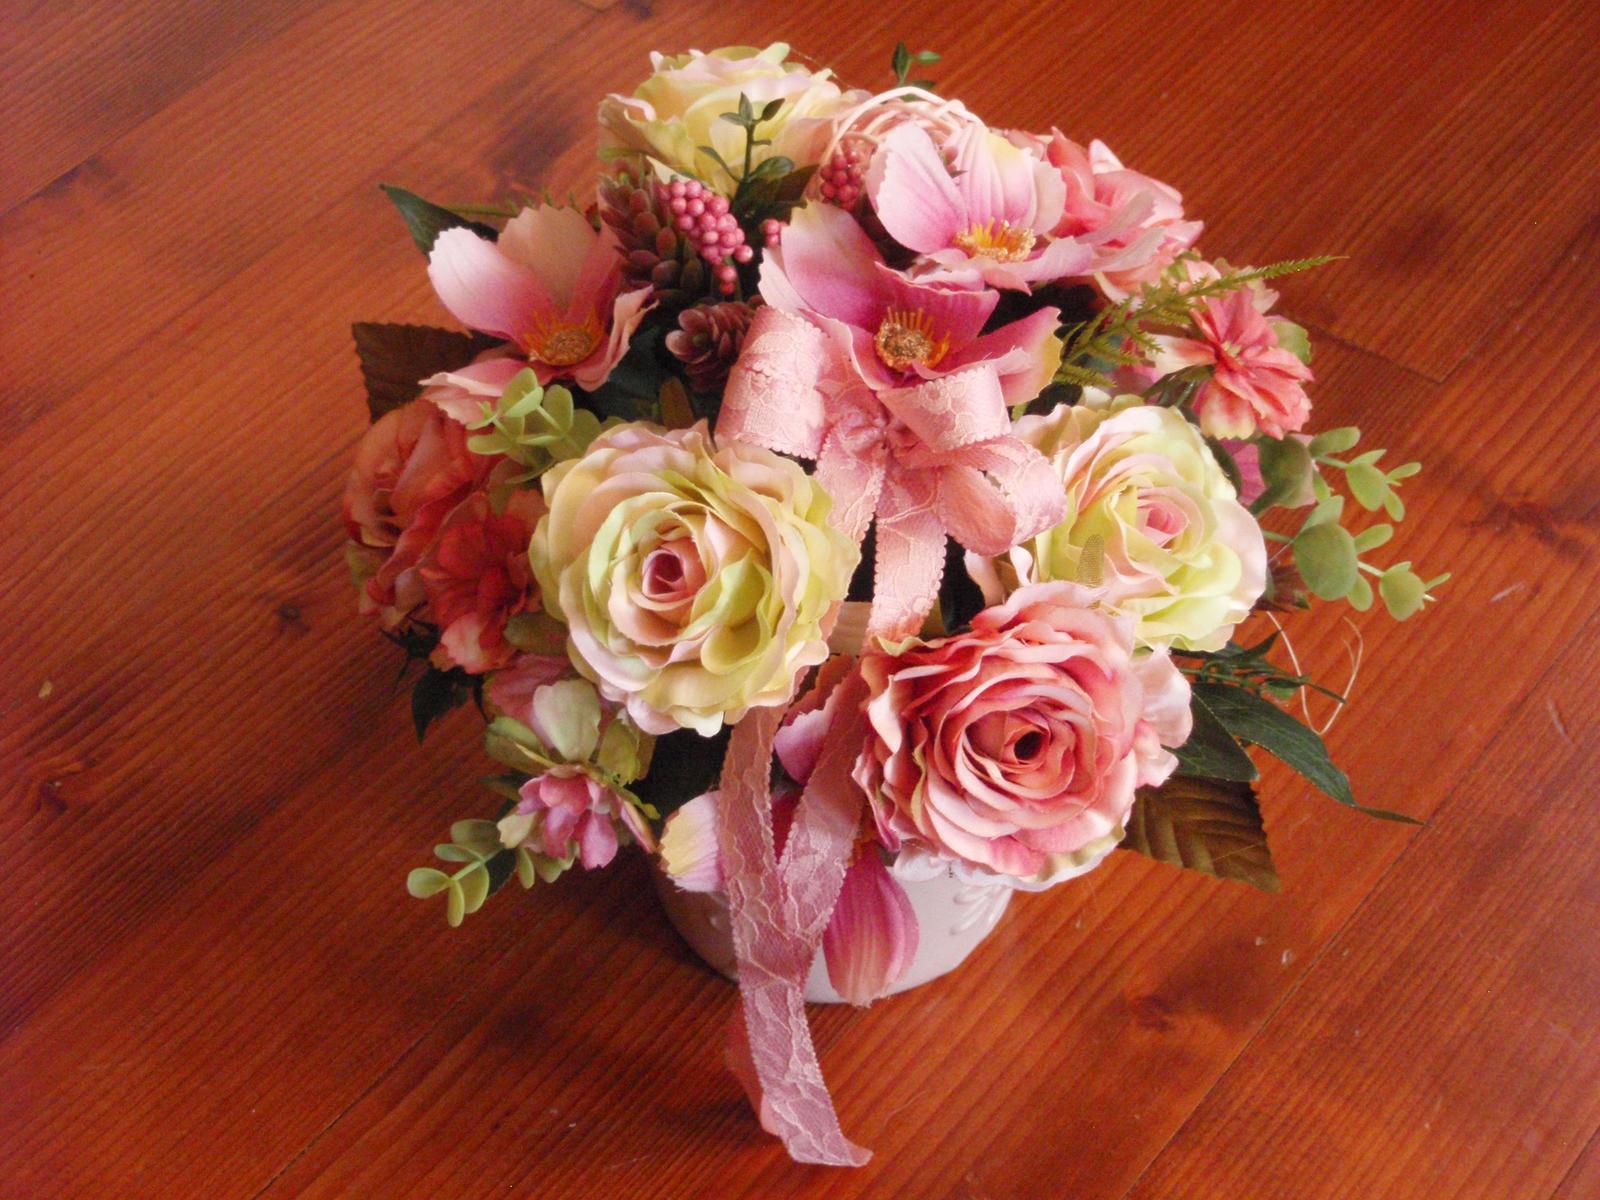 261. Vintage ružovo-zelenkavá dekorácia v keramike - Obrázok č. 1